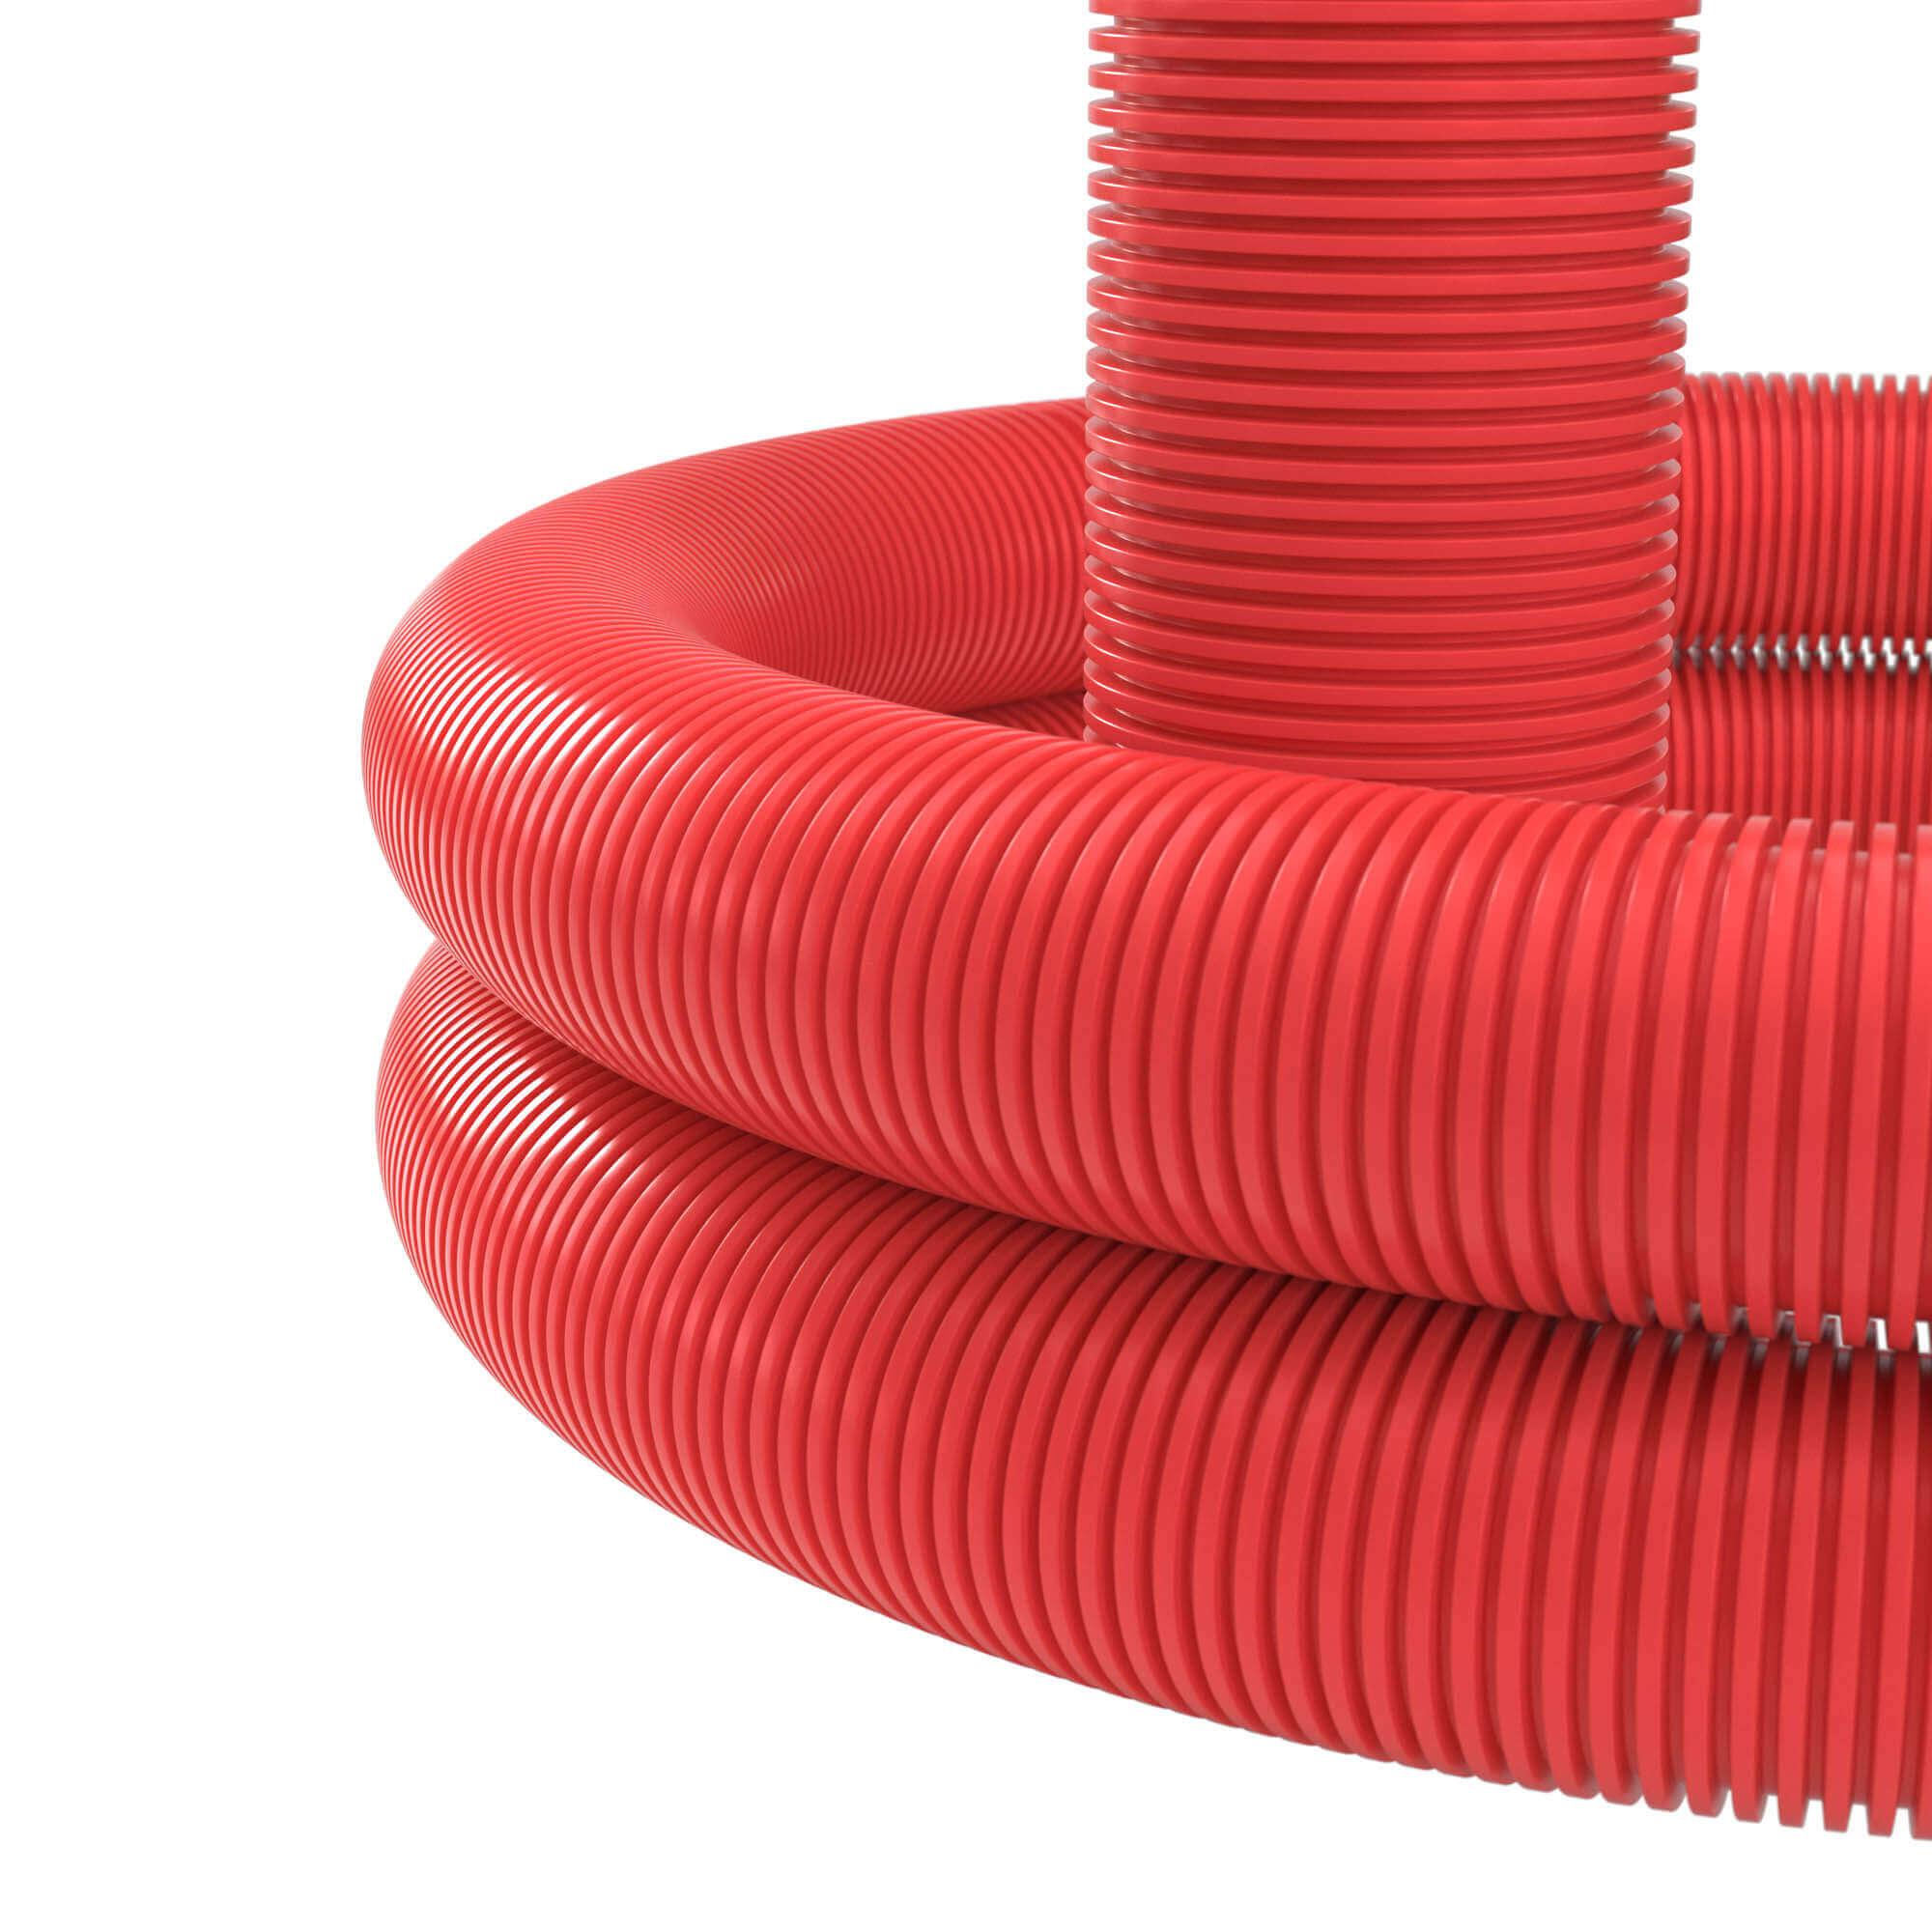 Двустенная труба ПНД гибкая для кабельной канализации d 50мм без протяжки SN13 250Н красный